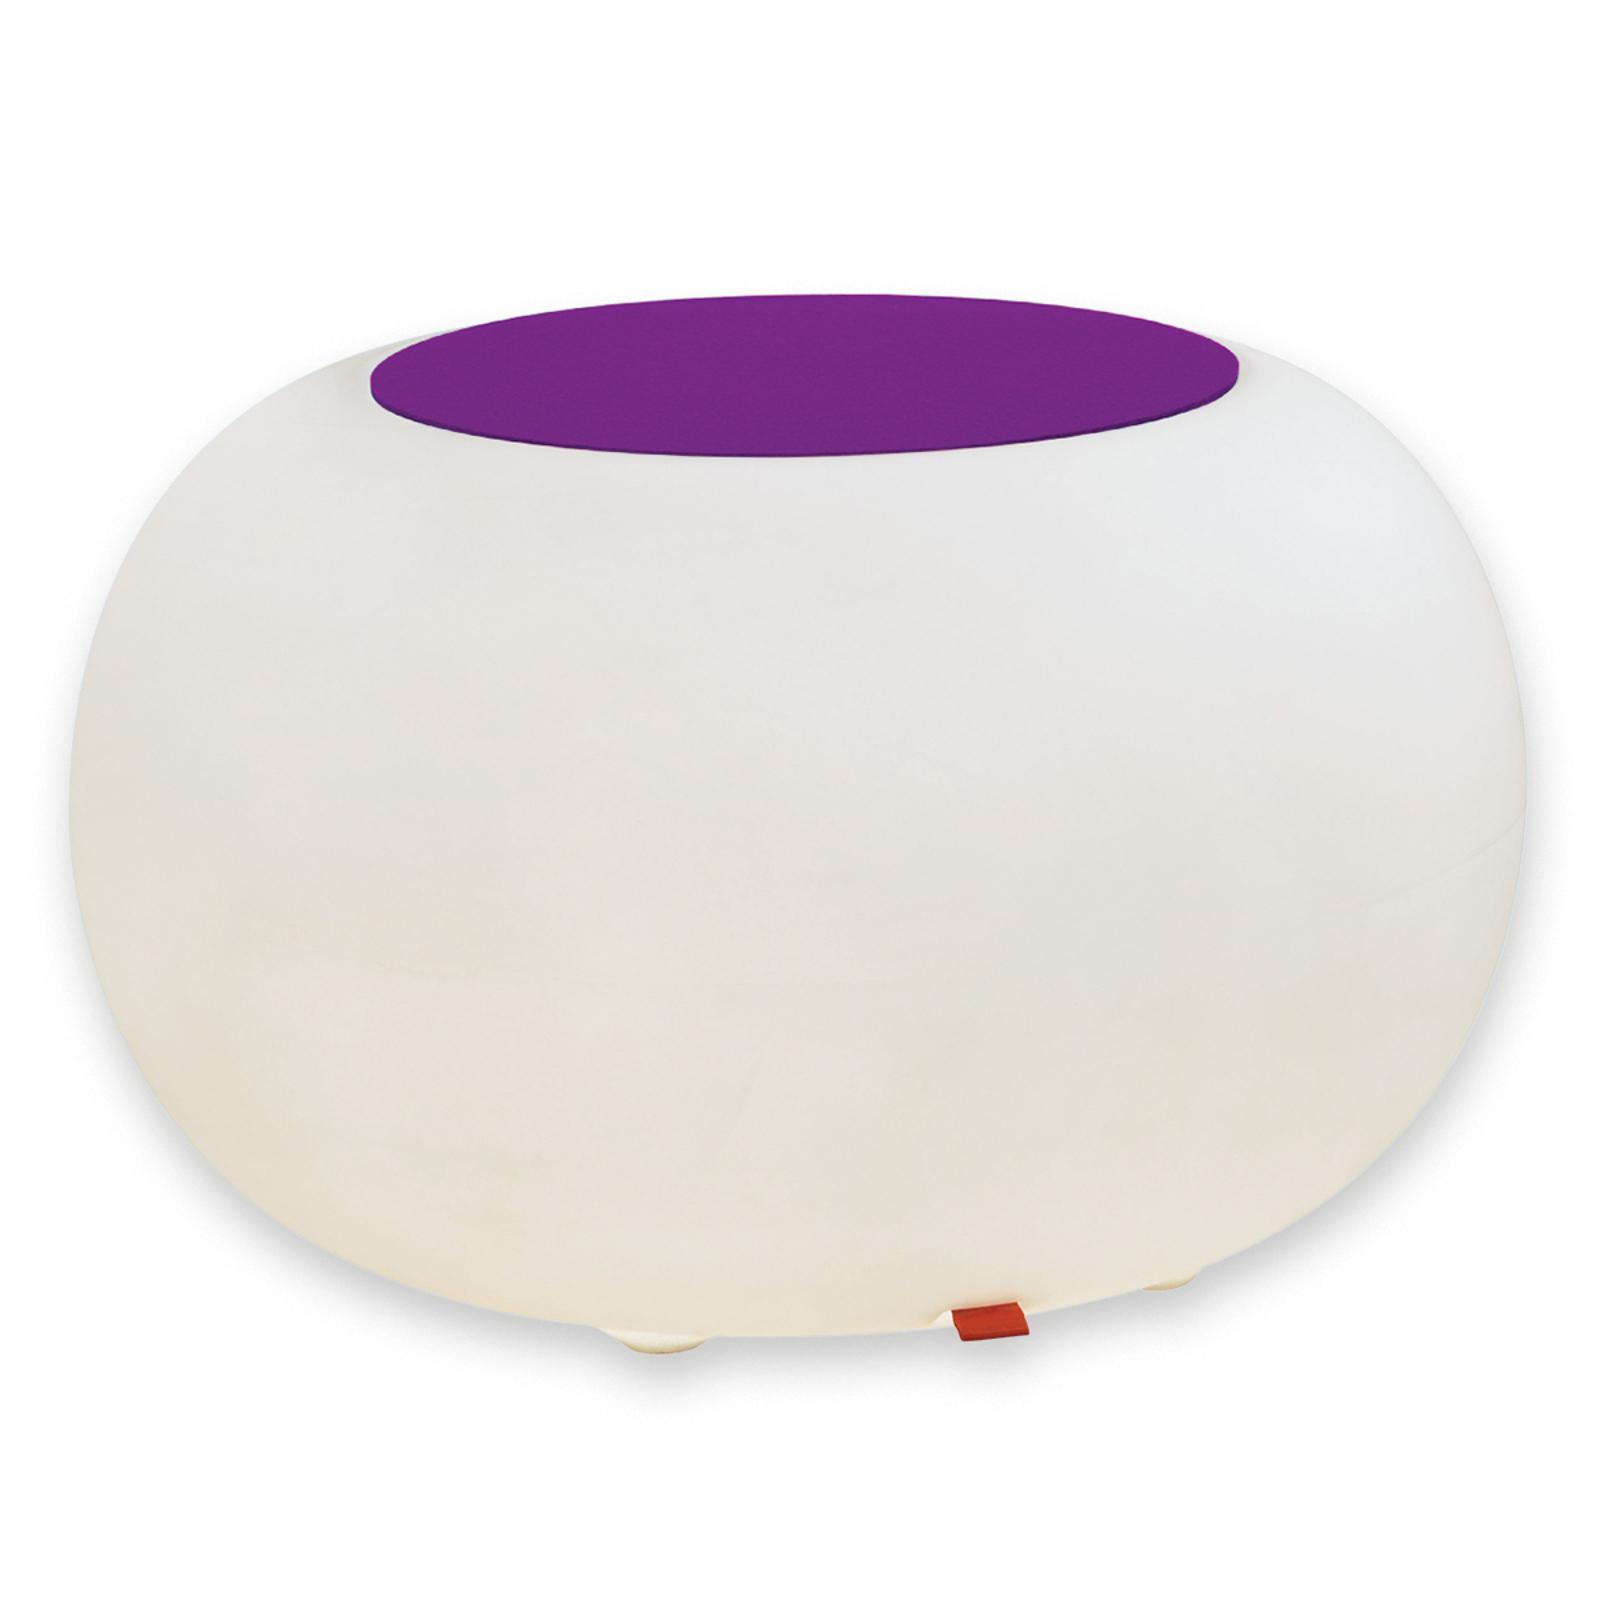 Pöytä Bubble Indoor LED RGB + huopa violetti